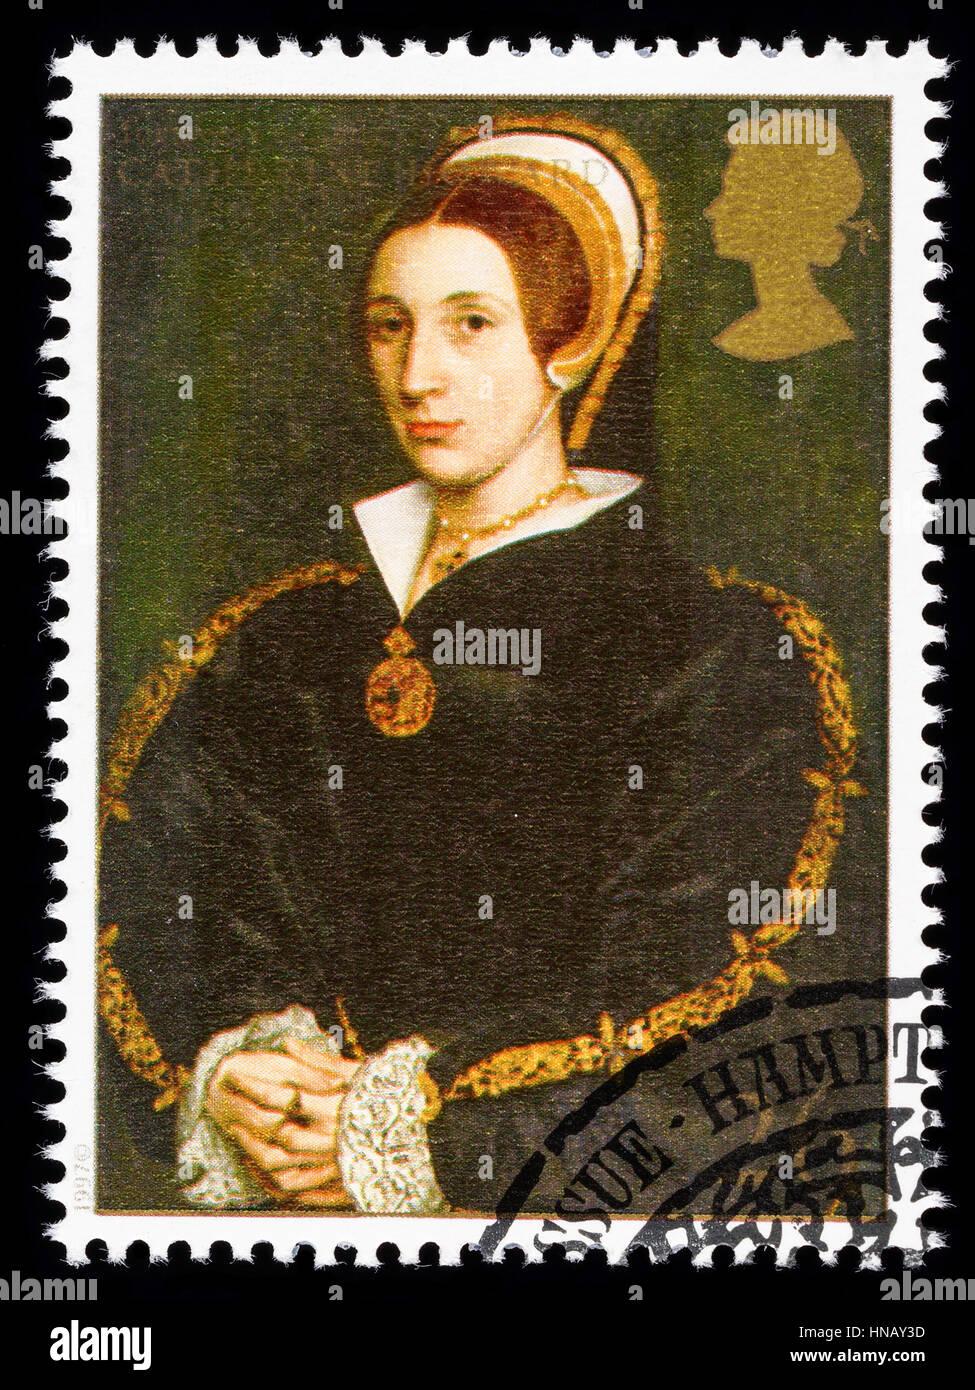 Vereinigtes Königreich - CIRCA 1997: verwendete Briefmarke gedruckt in Großbritannien zum Gedenken an Stockbild